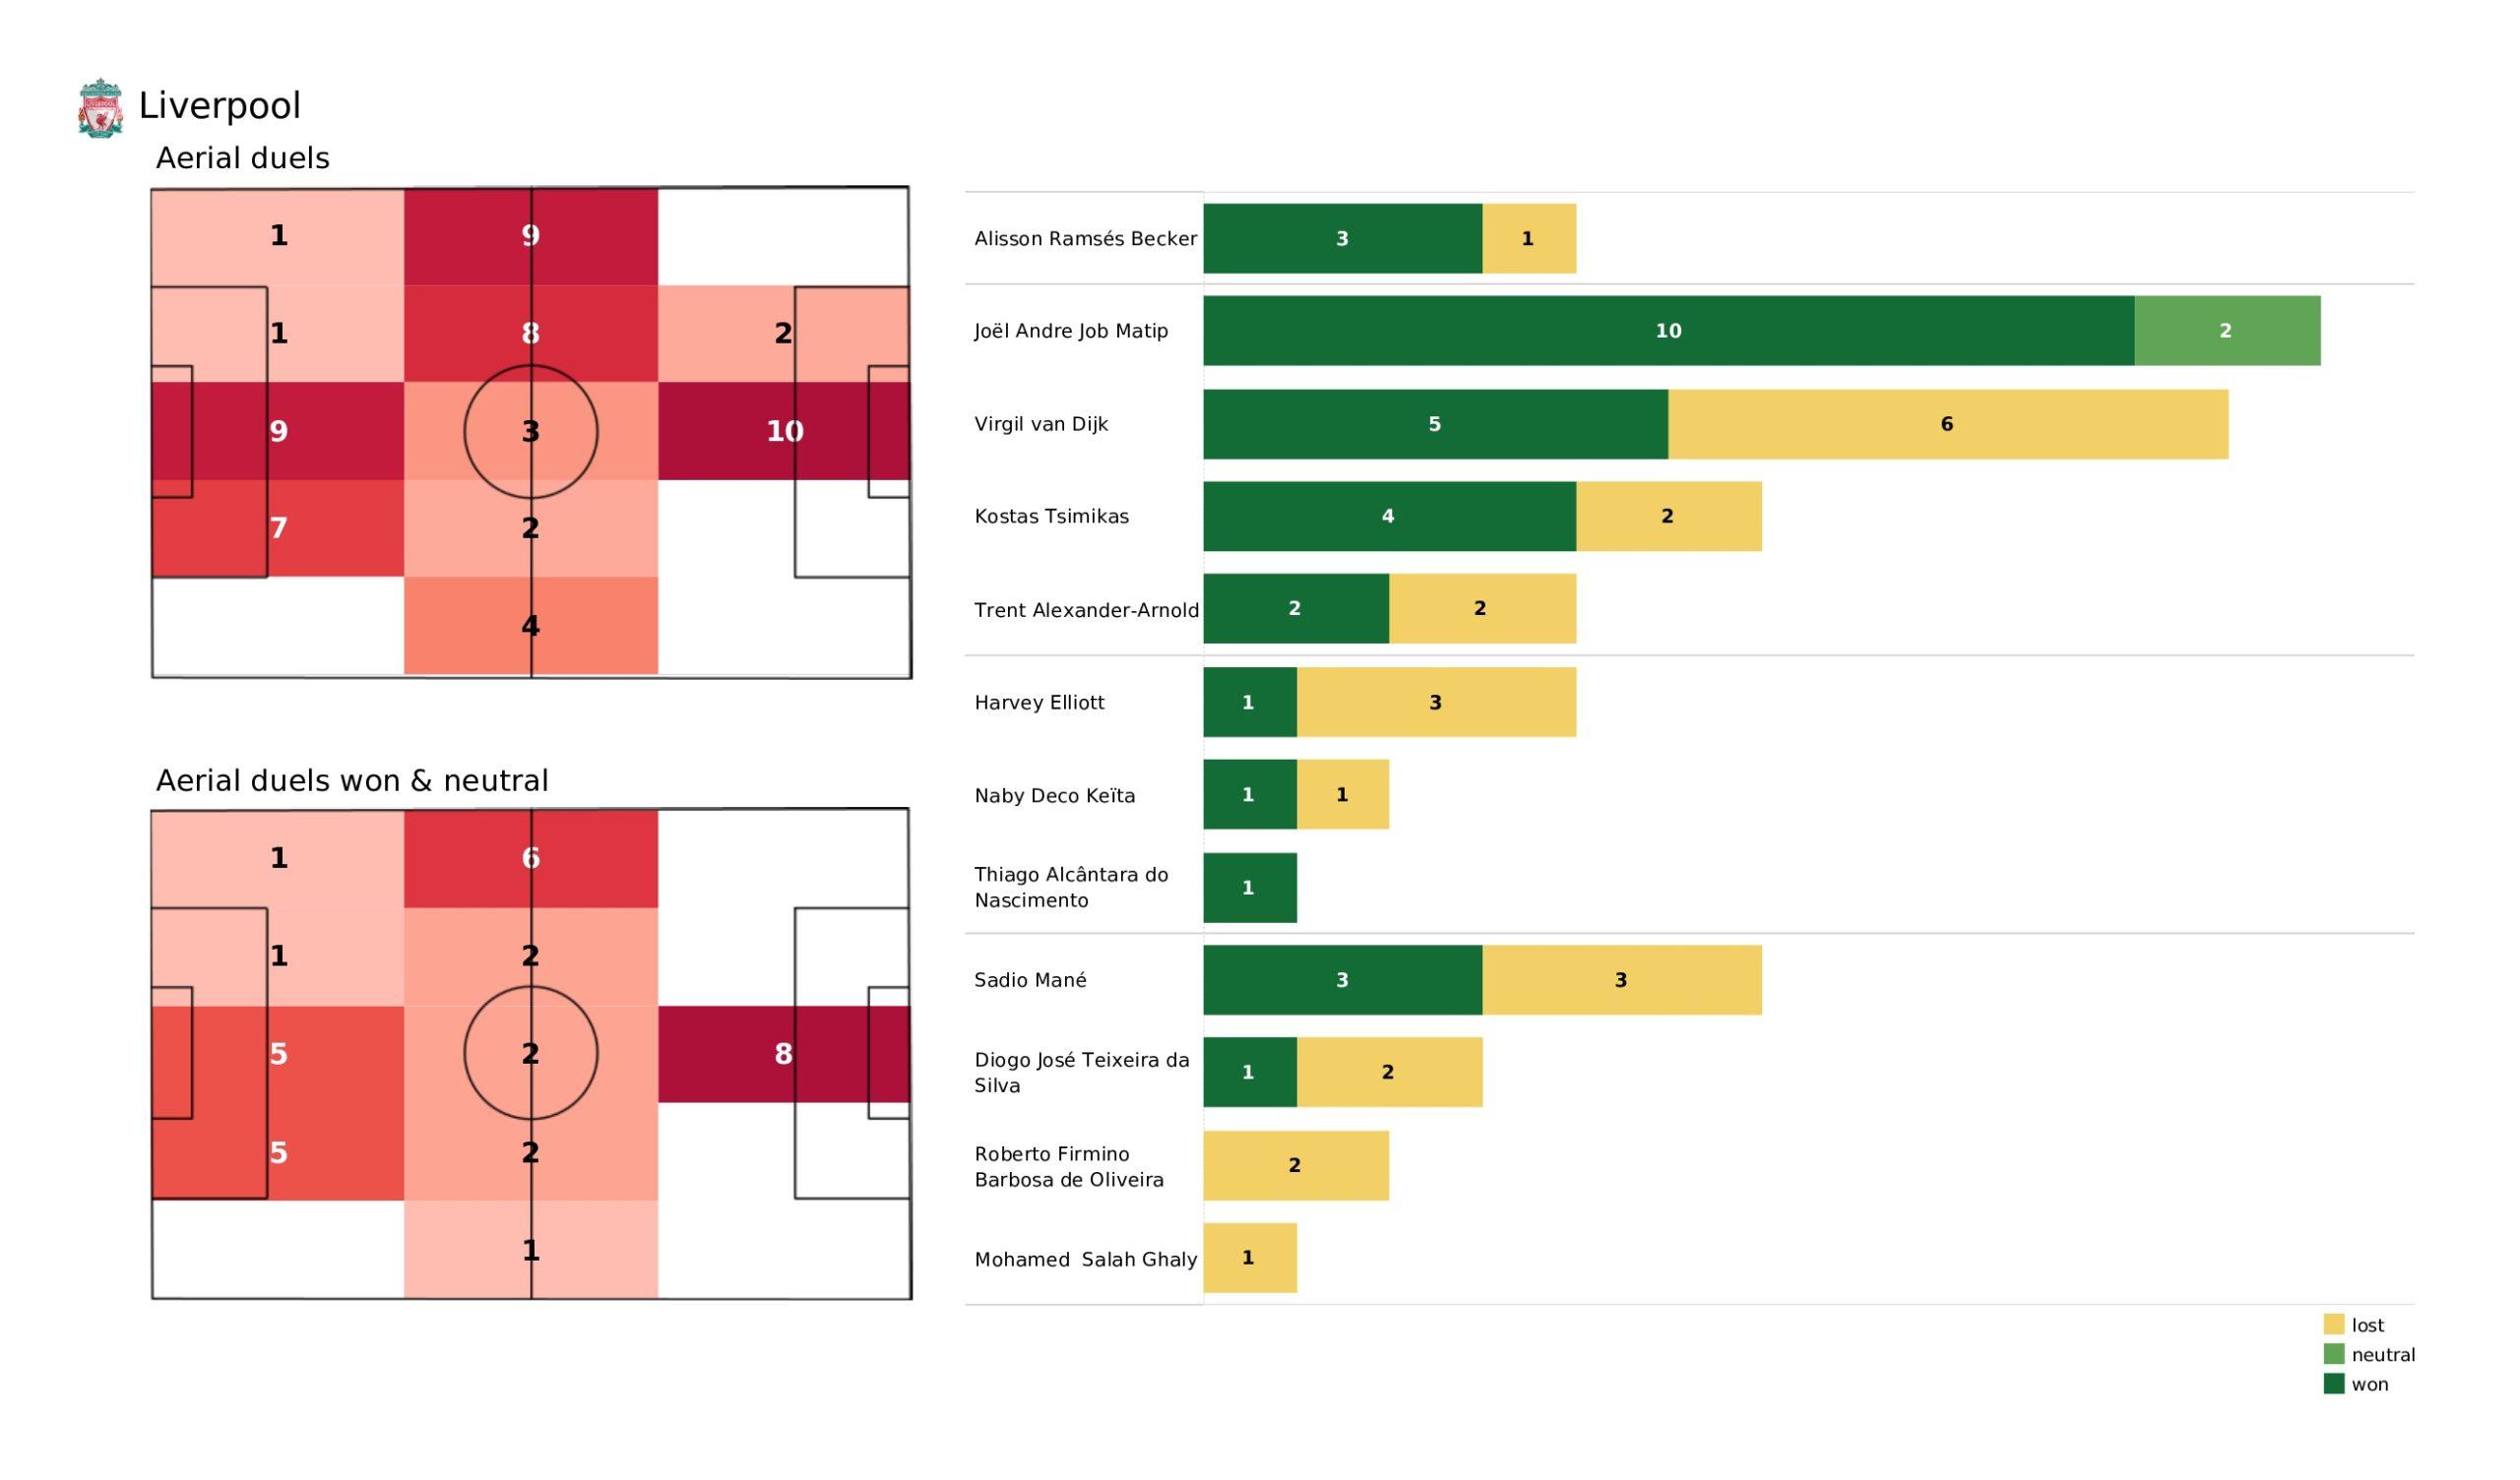 Premier League 2021/22: Liverpool vs Burnley - stats